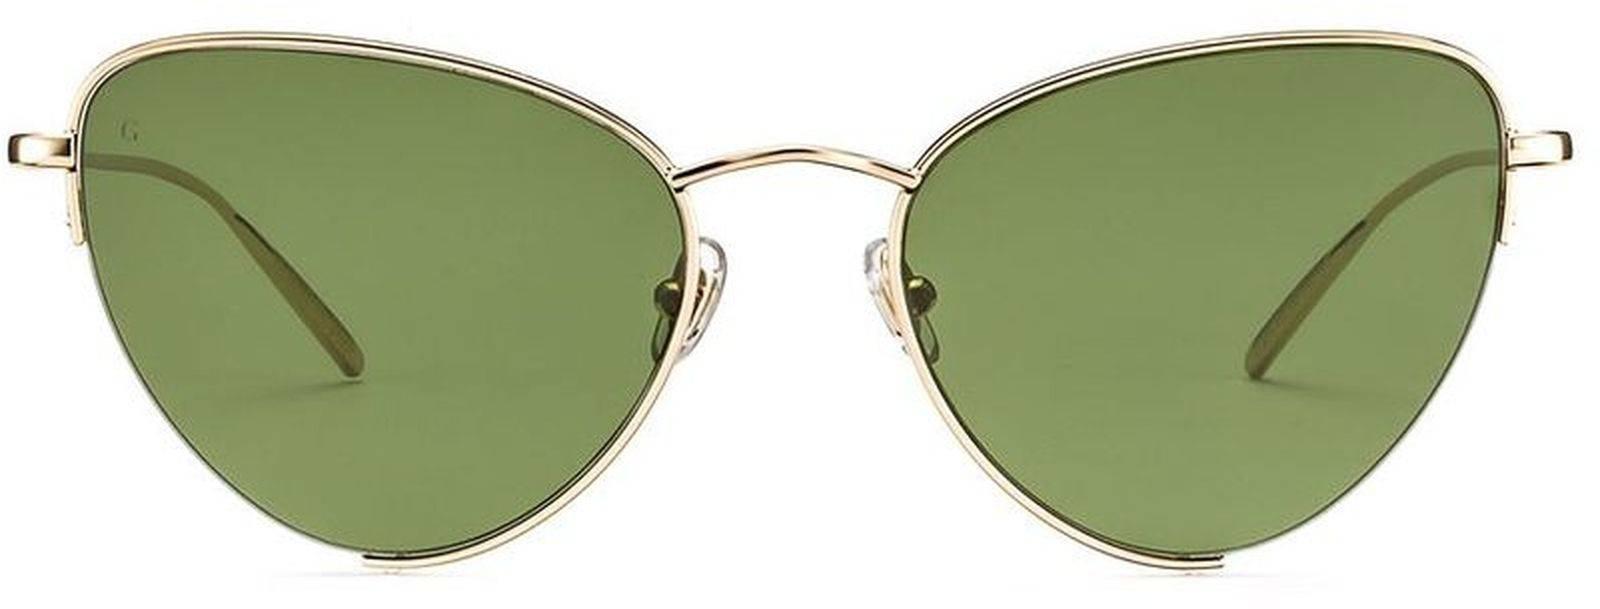 Что такое зеленые очки больному глаукомой - вылечимглаукому